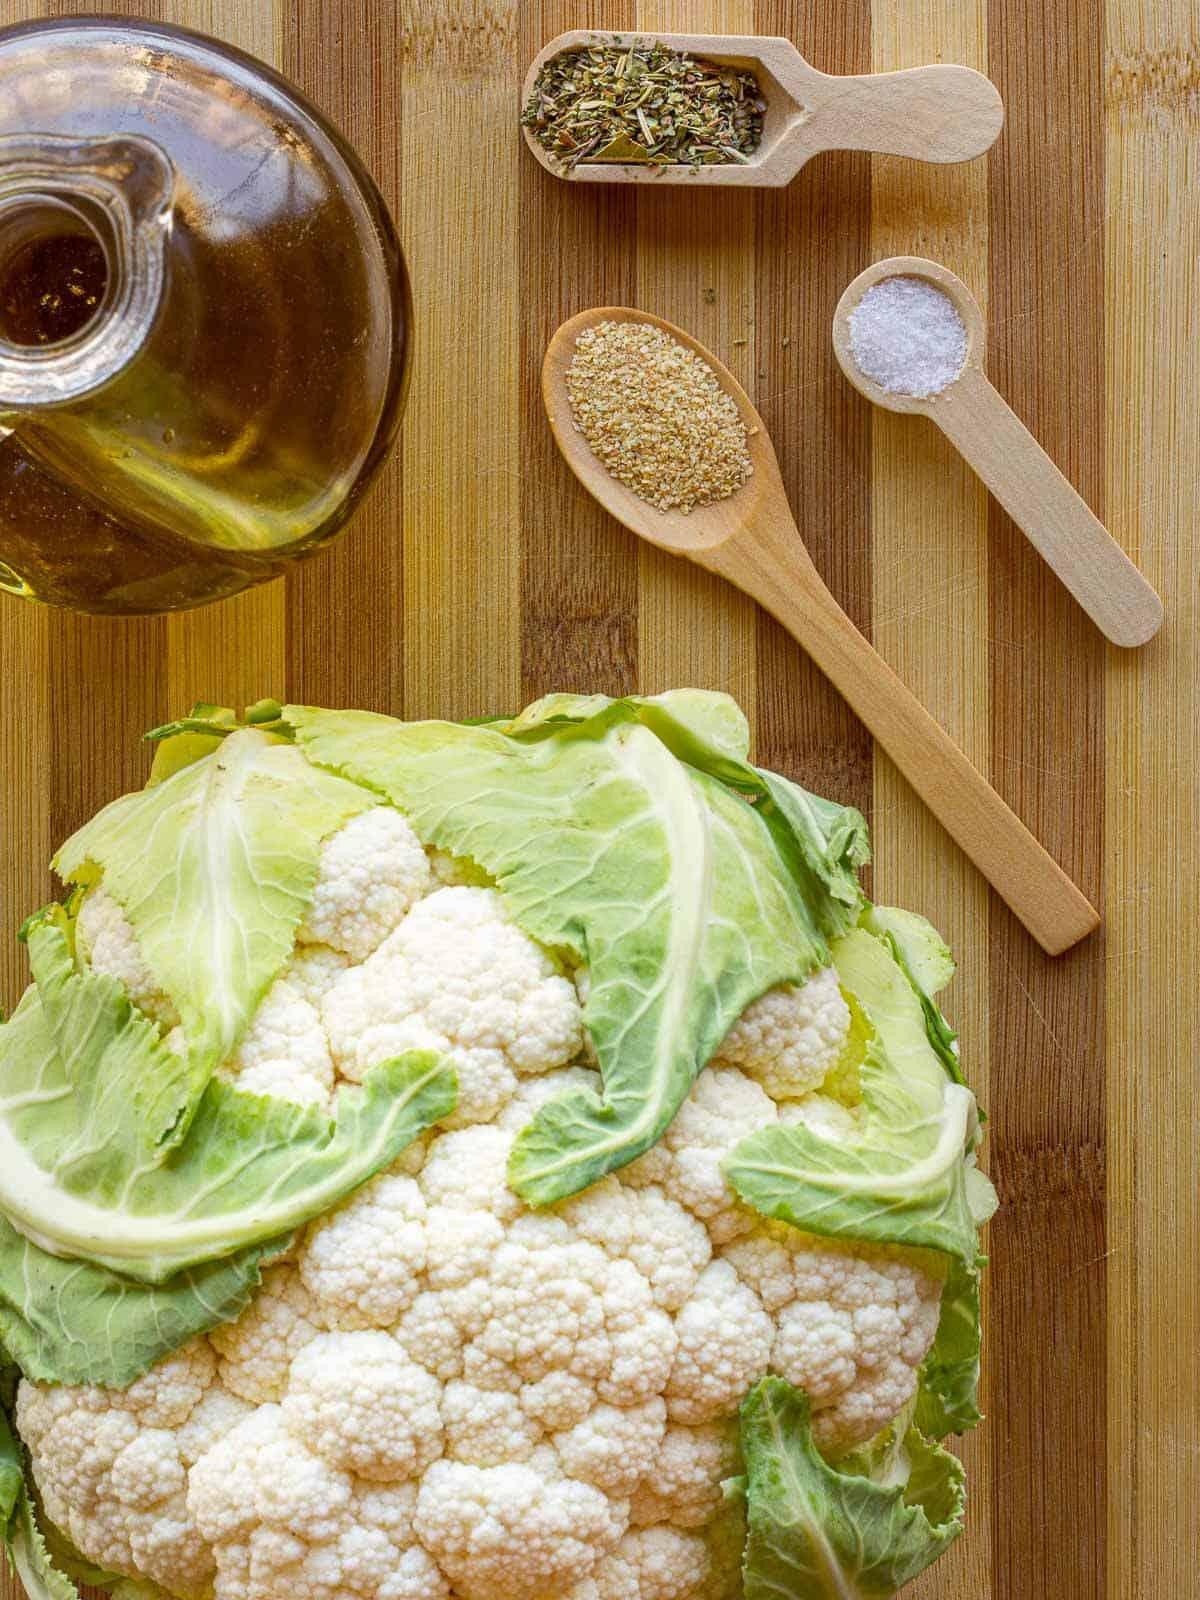 Cauli Rice ingredients oregano